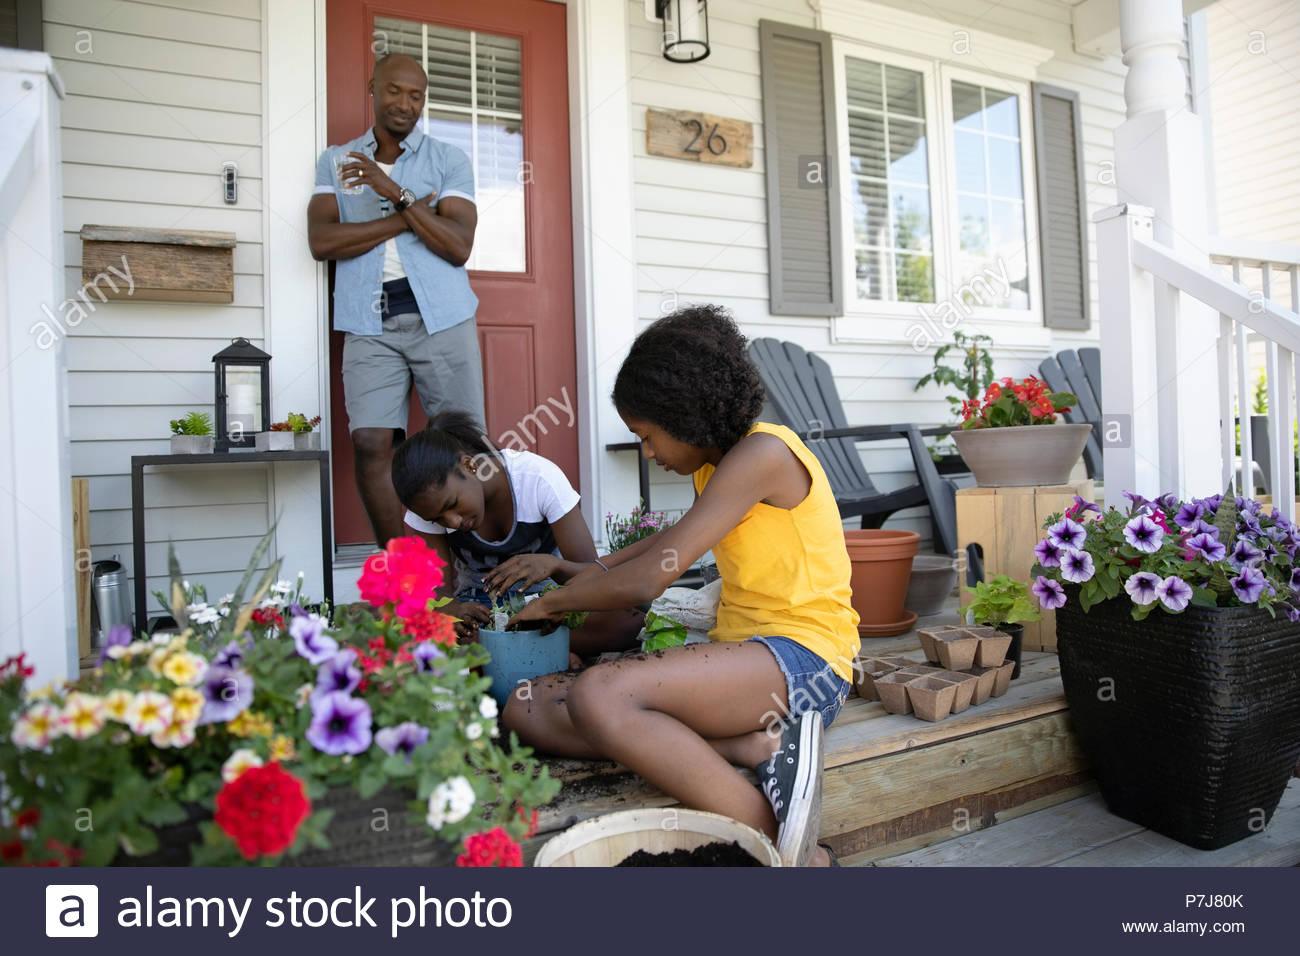 Vater beobachtete tween Töchter Blumenerde Blumen auf der Vorderseite stoop Stockbild